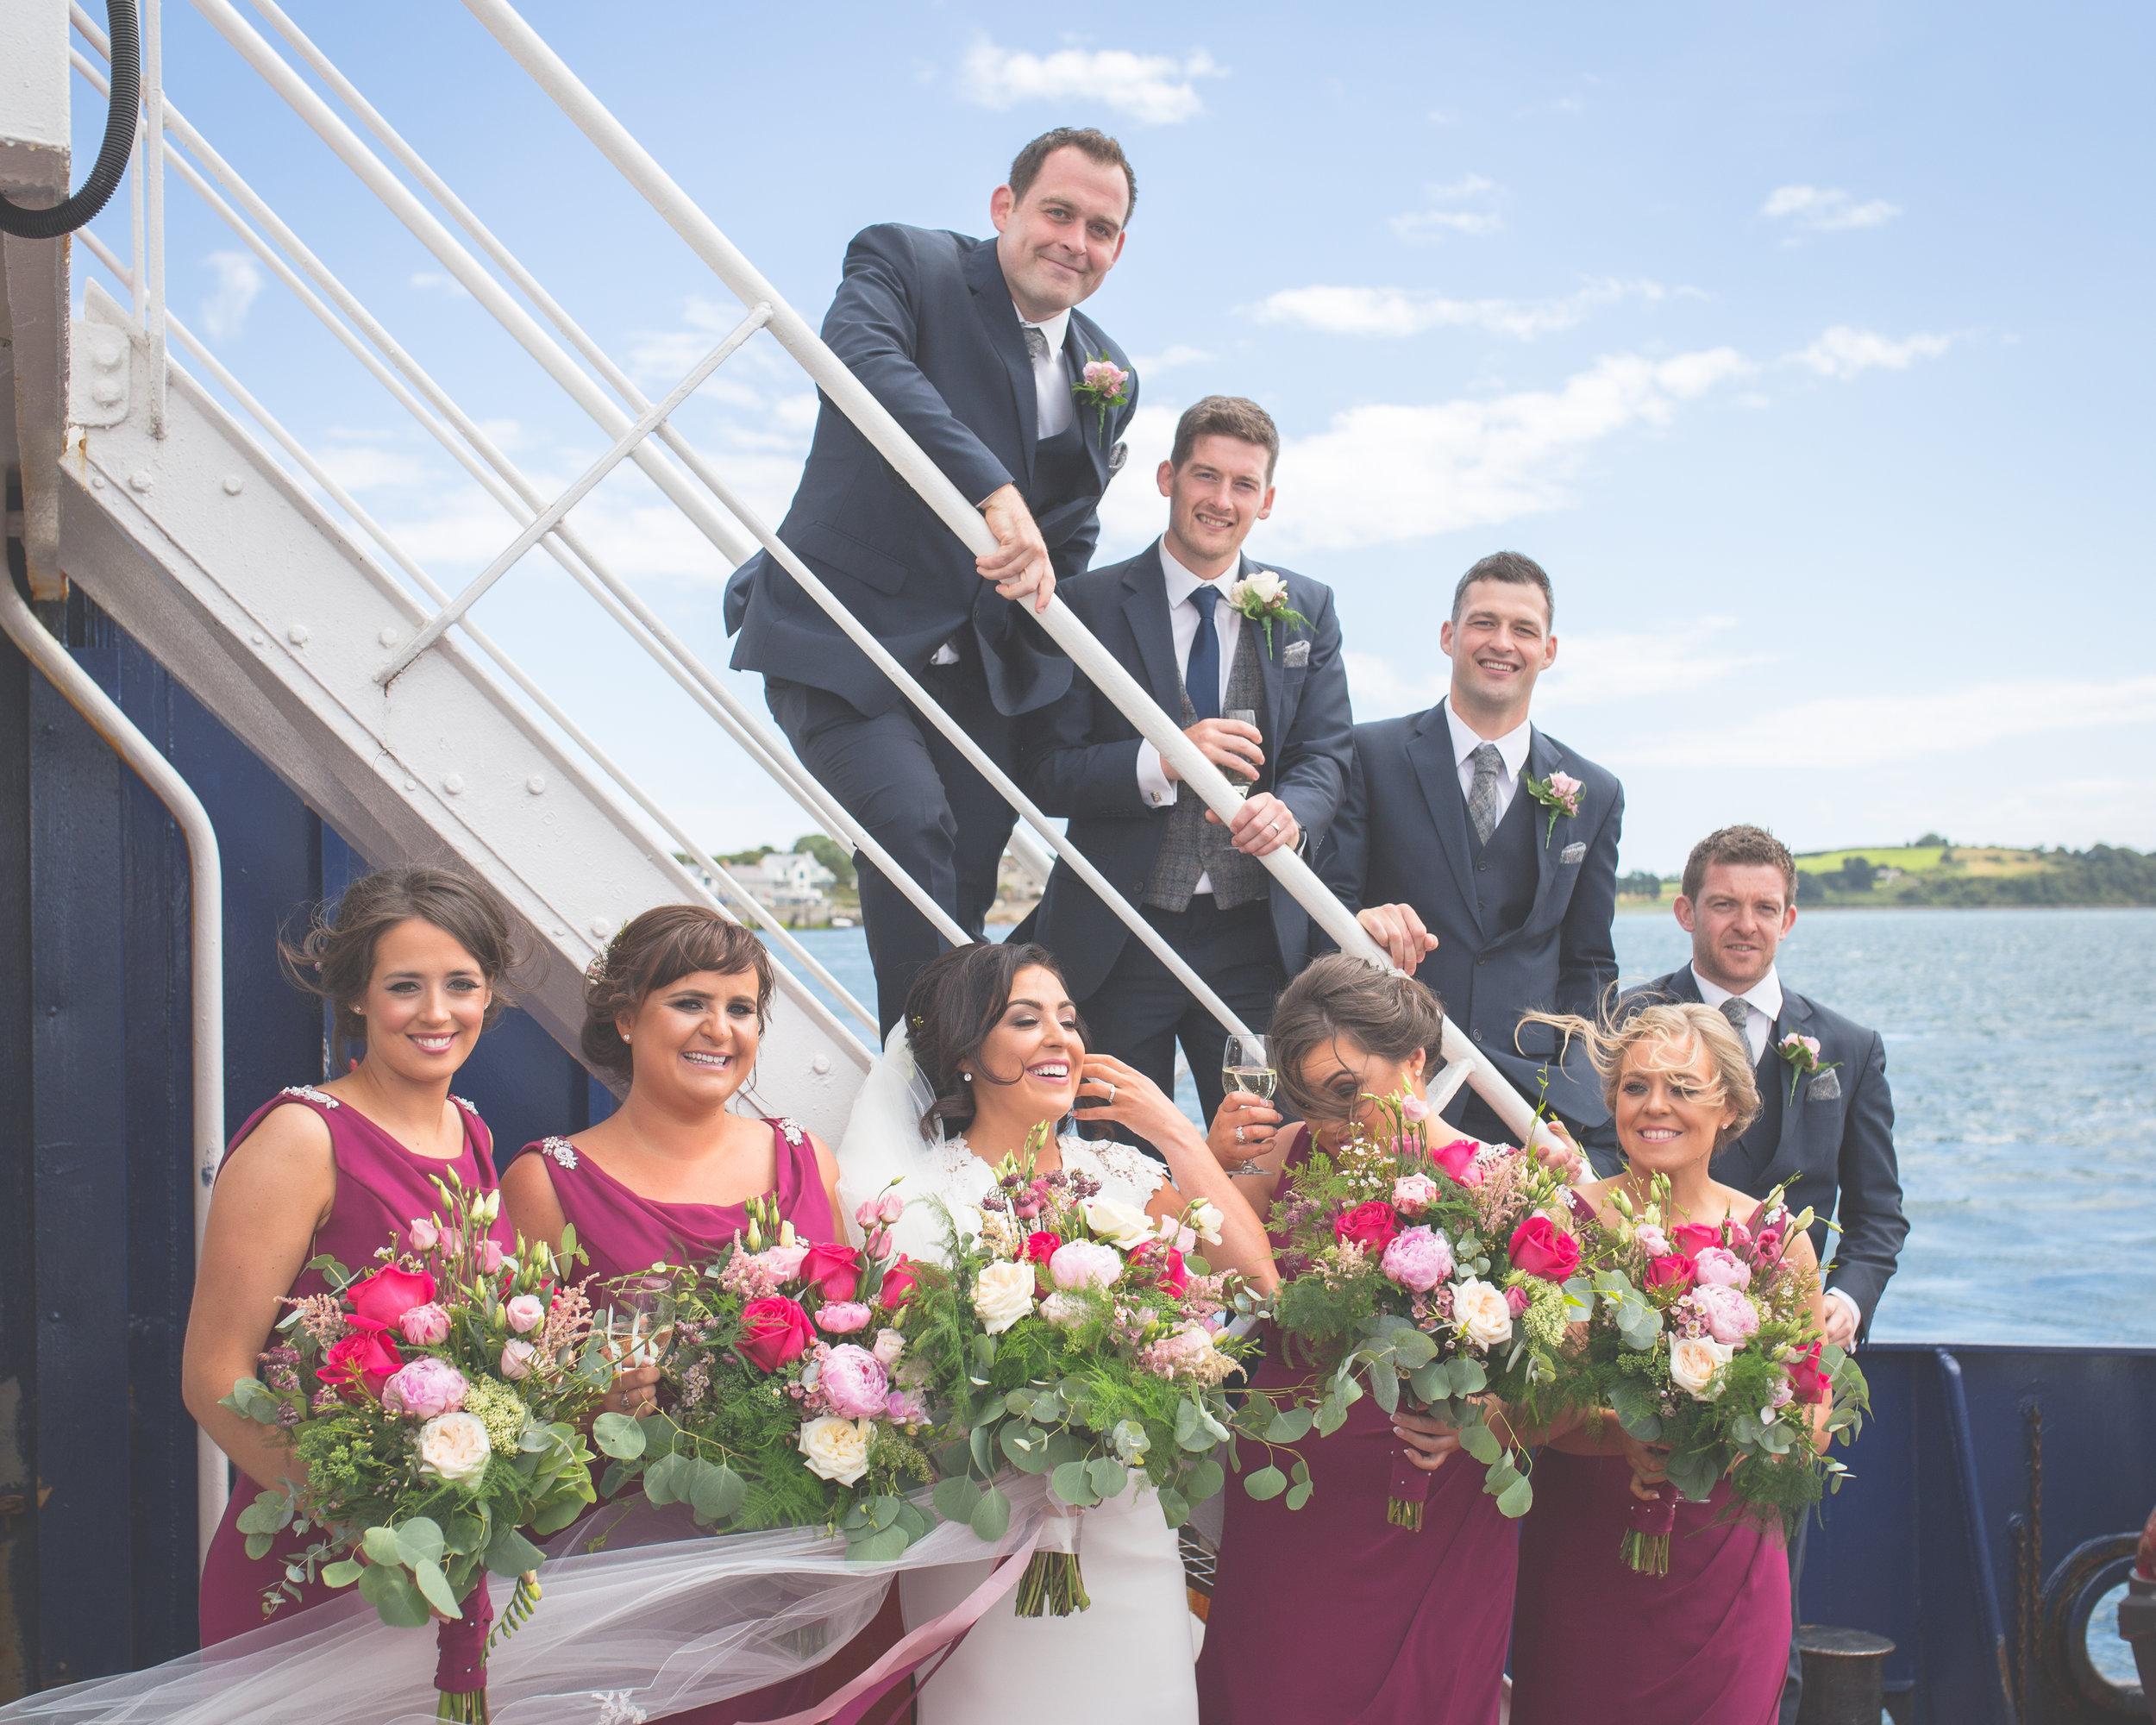 Brian McEwan Wedding Photography   Carol-Anne & Sean   The Ceremony-183.jpg